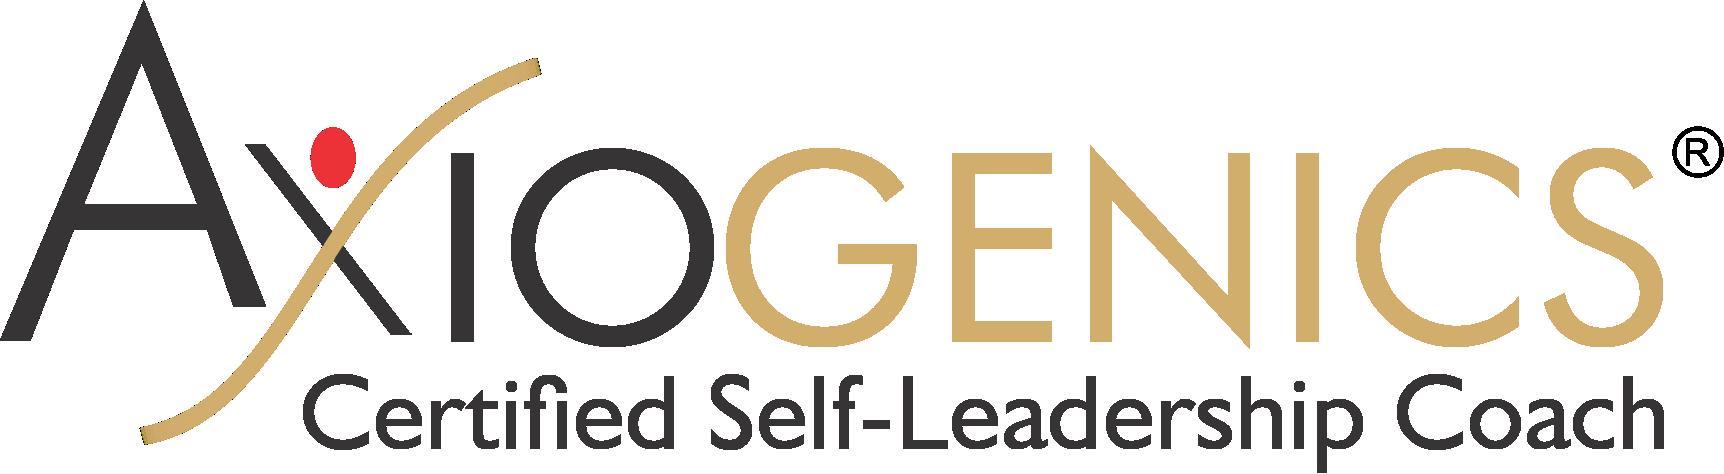 Axiogenics_Cert-SL_Coach_logo